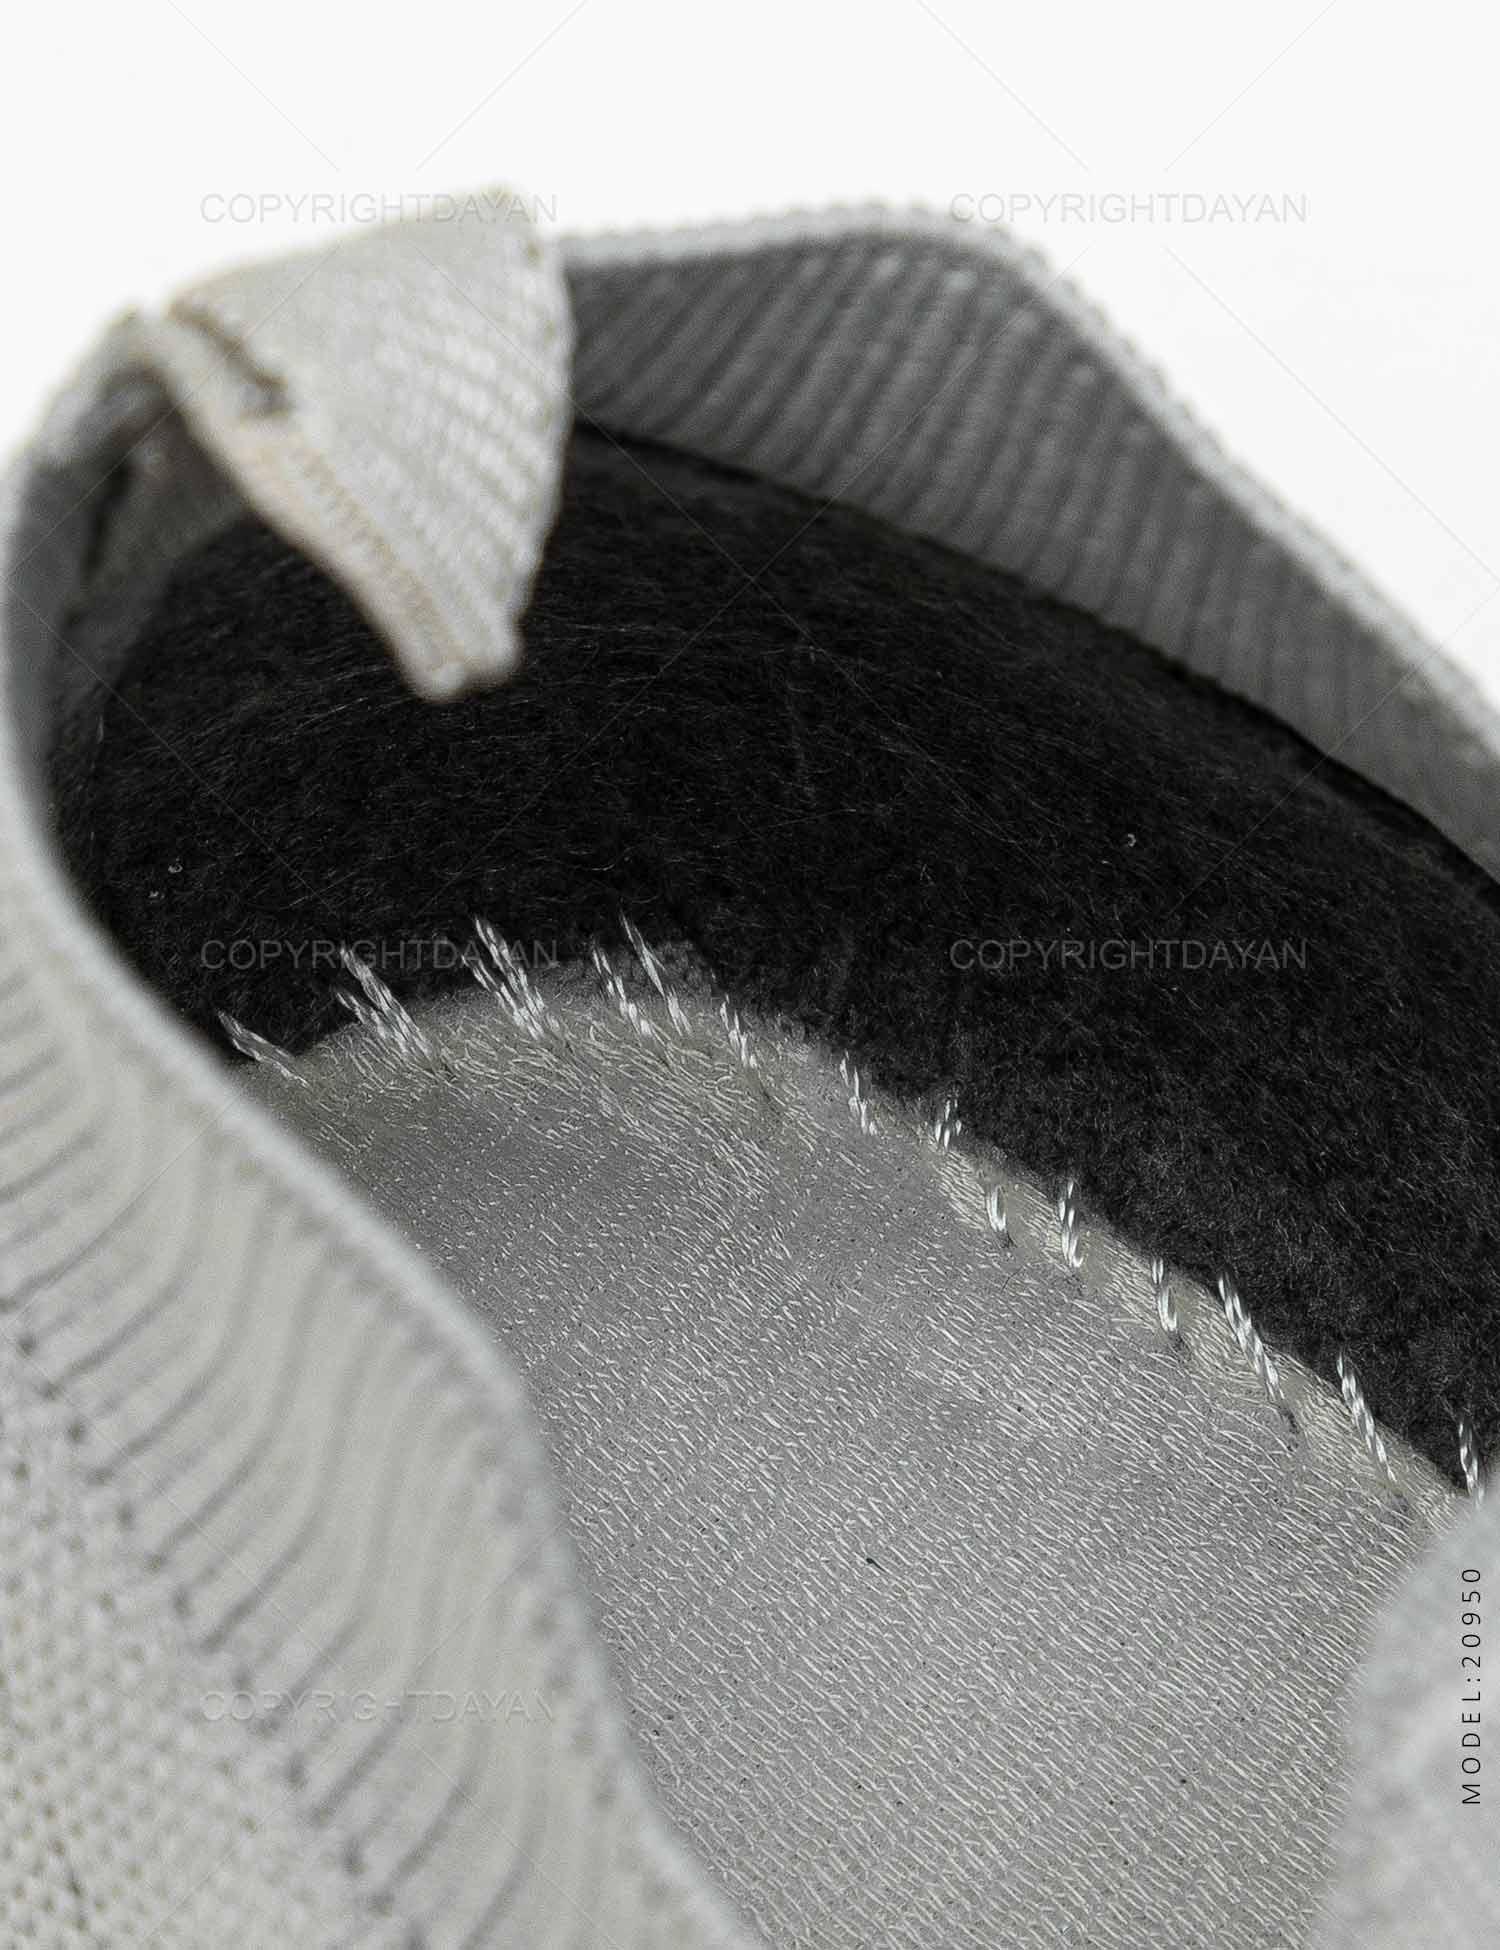 کفش مردانه ورزشی Under Armour مدل 20950 کفش مردانه ورزشی Under Armour مدل 20950 210,000 تومان